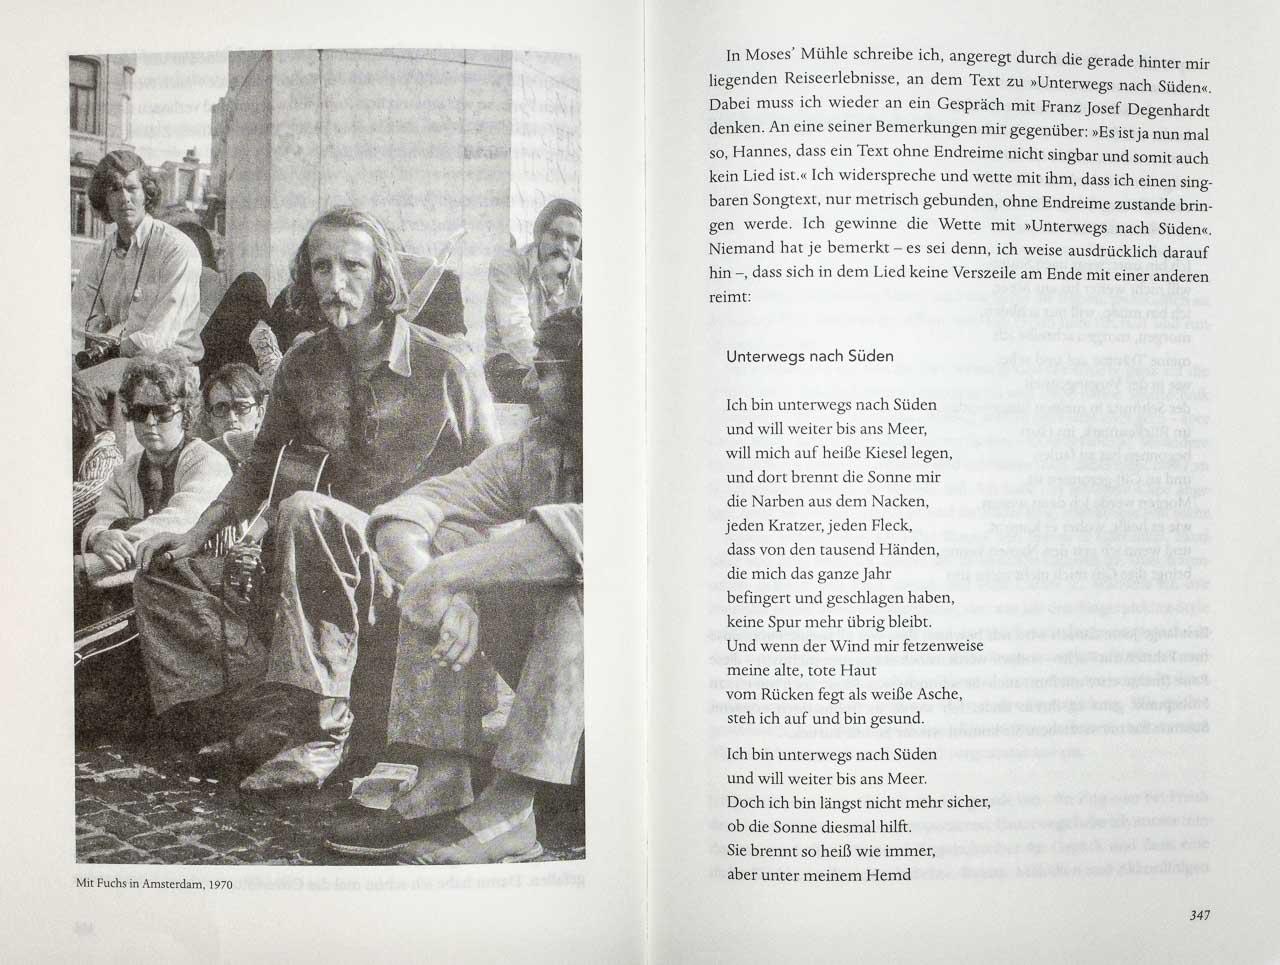 Seite 346 der Autobiographie von Hannes Wader: Der Autor im Sommer 1970 in Amsterdam. Foto: Holger Rüdel